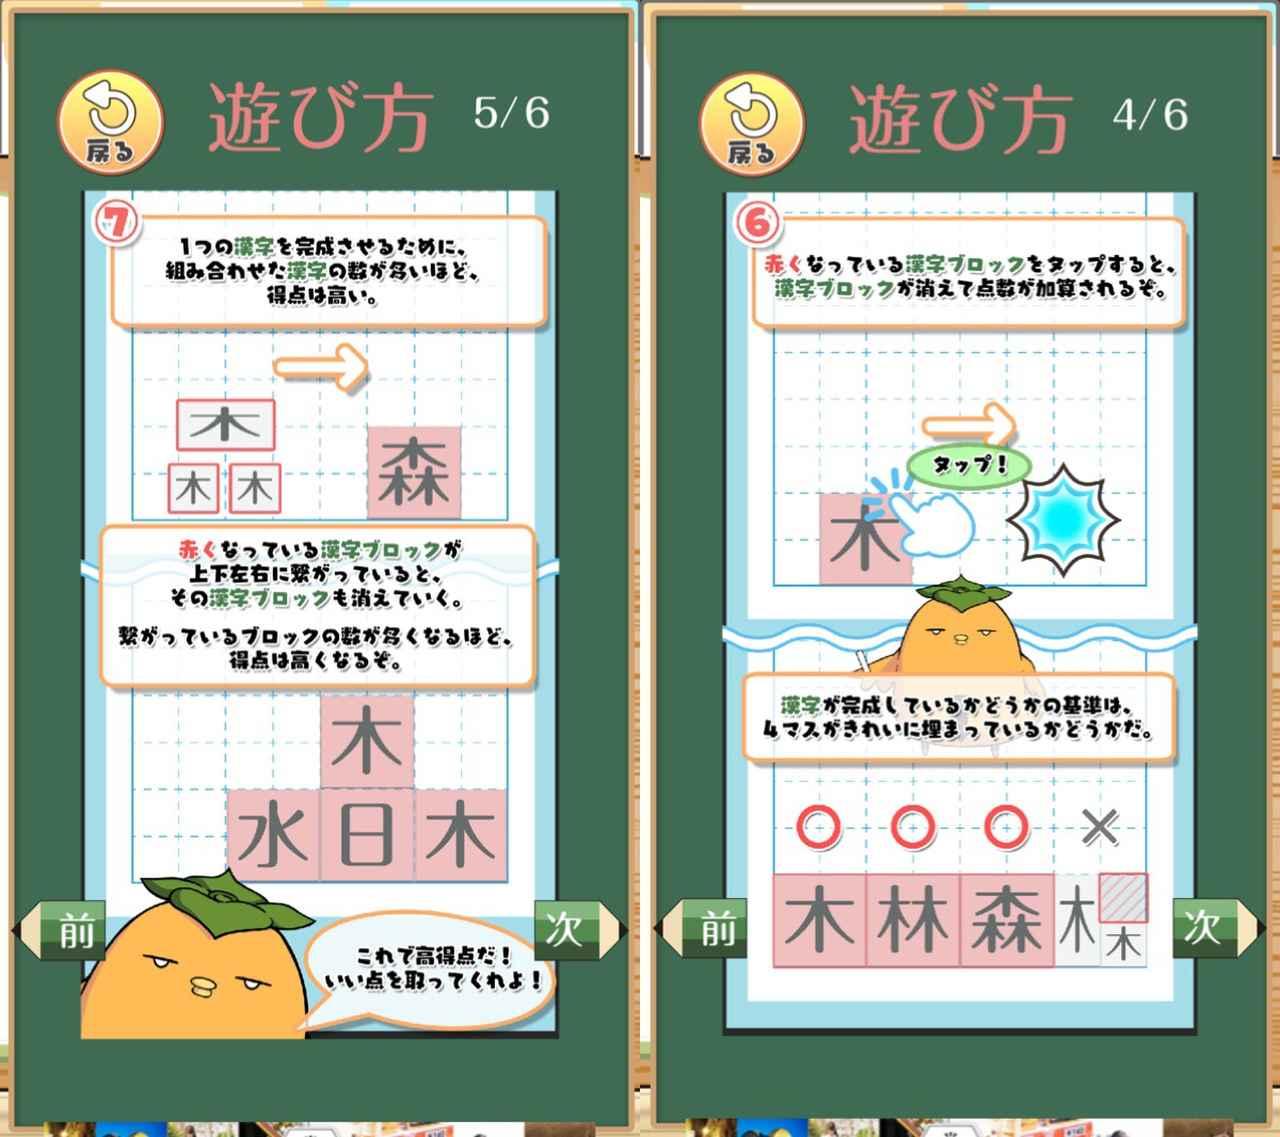 画像3: テト字スの教科書1年生からスタート!落ちてくる漢字を変形させ組み合わせよう。